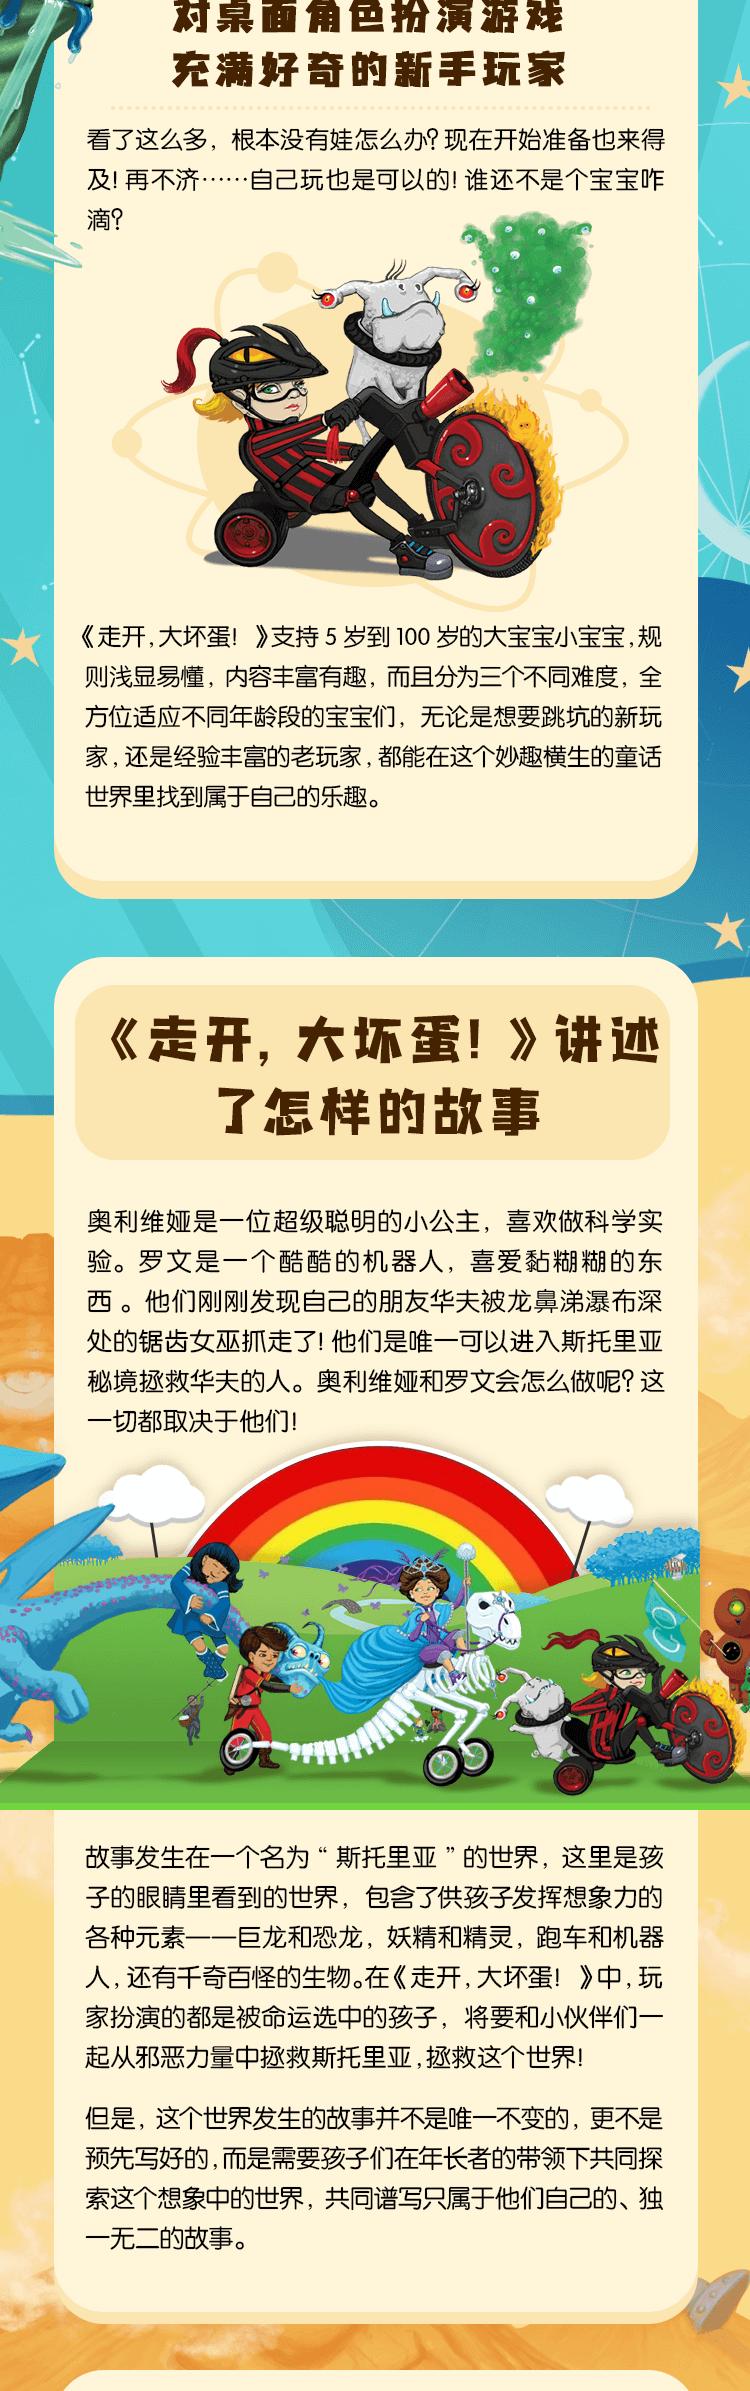 大坏蛋众筹_03.png